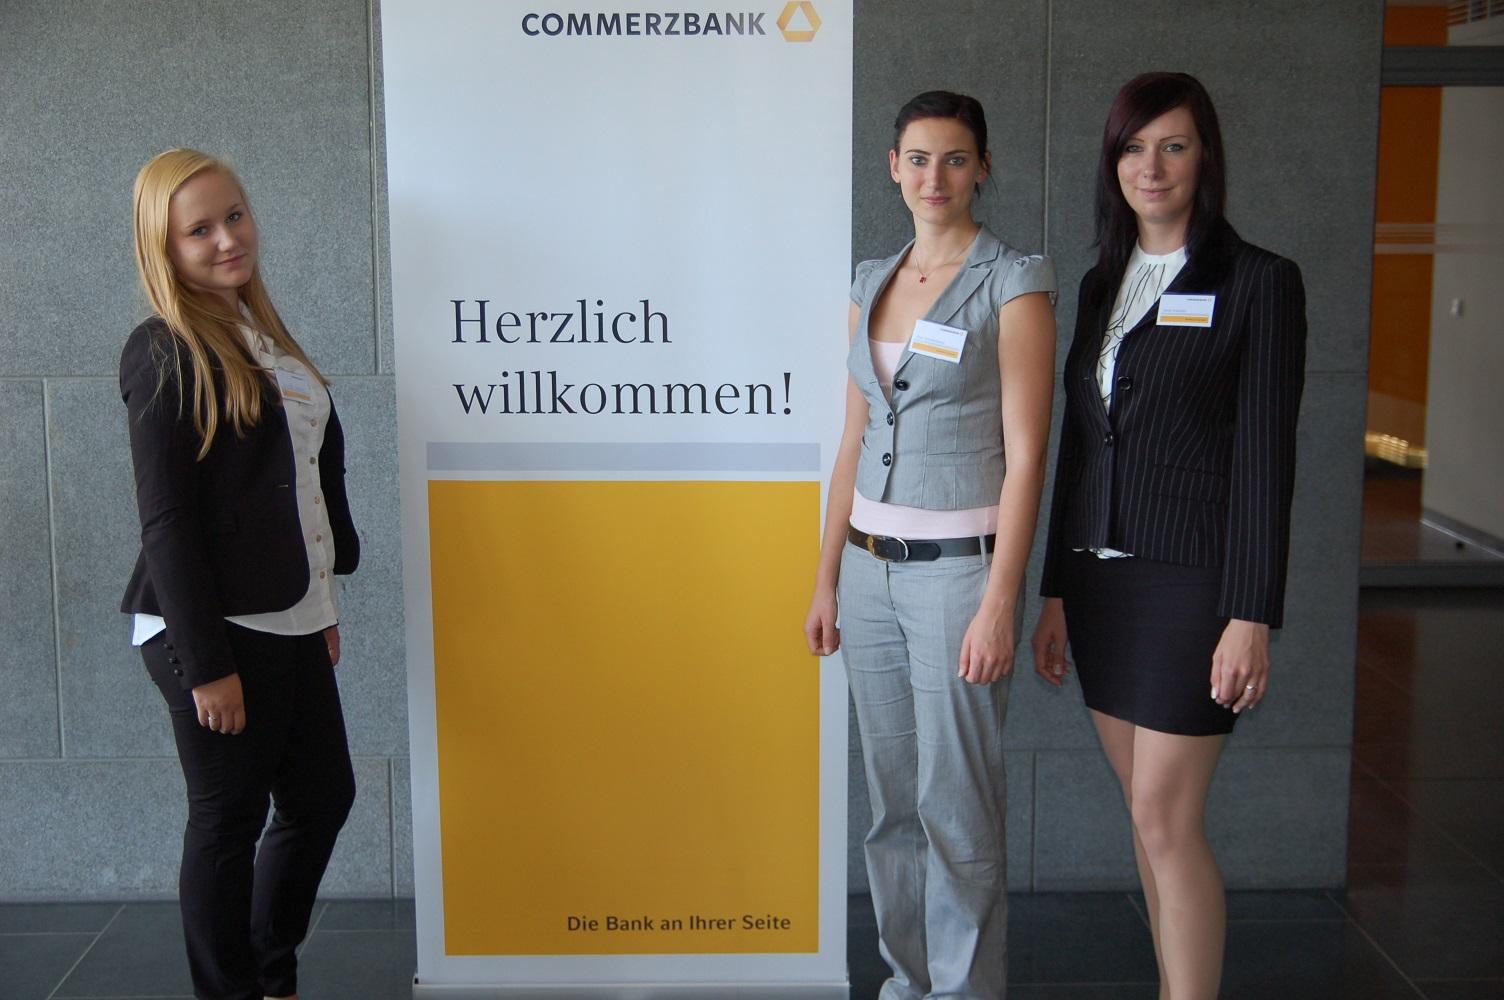 azubis commerzbank